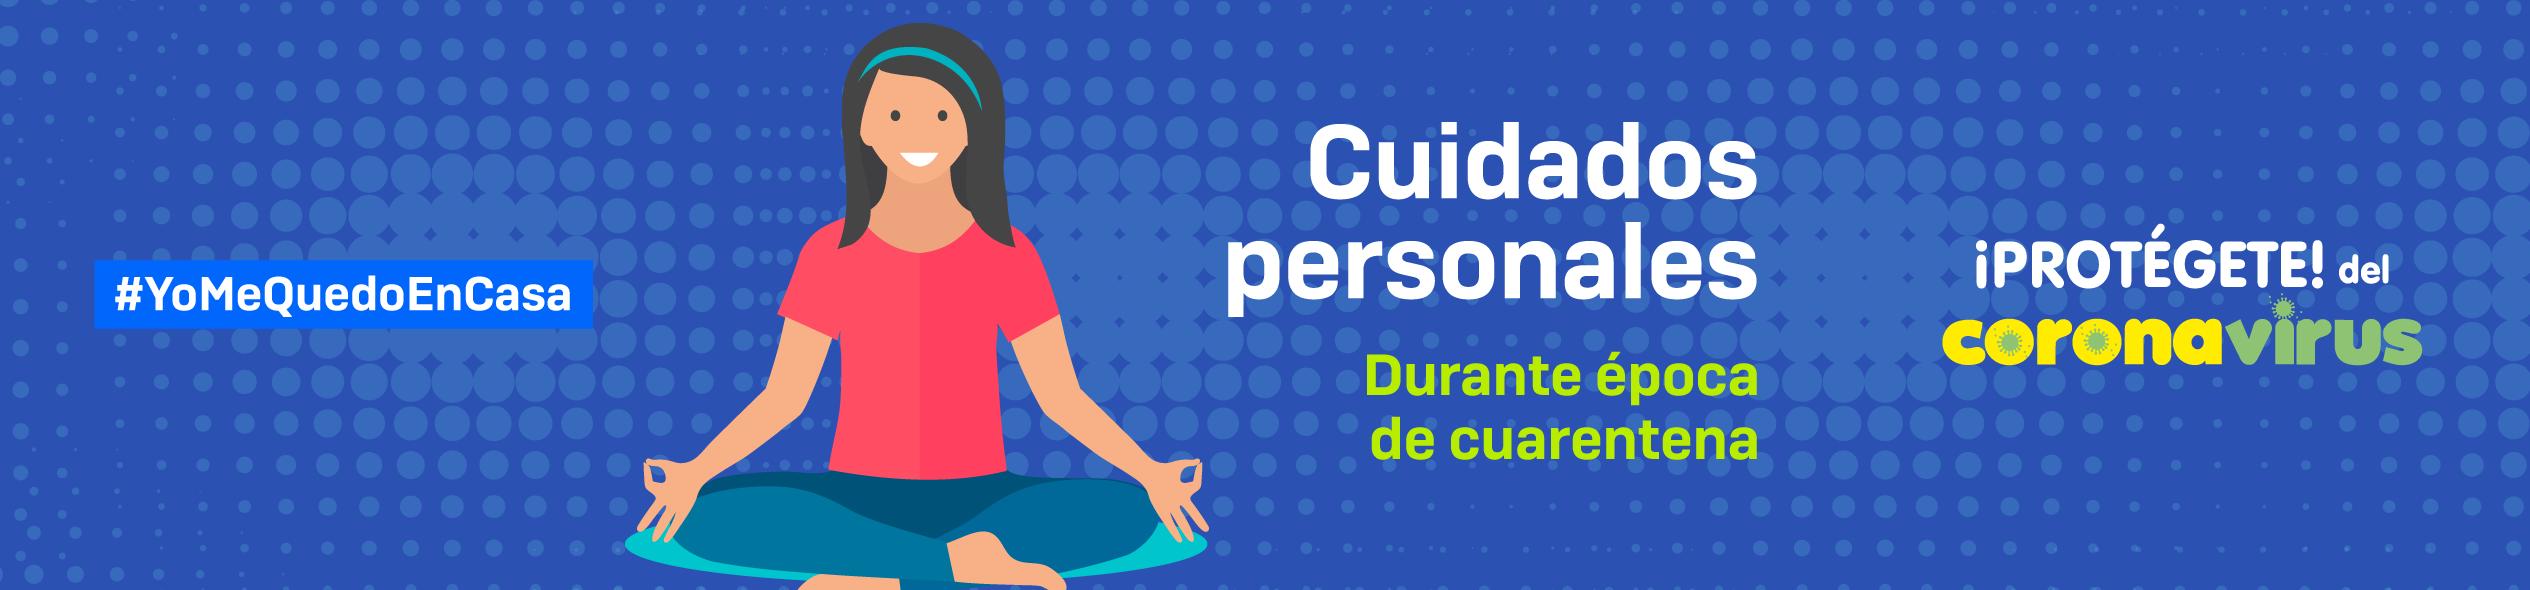 CABECERAS-CUIDADOS-PERSONALES